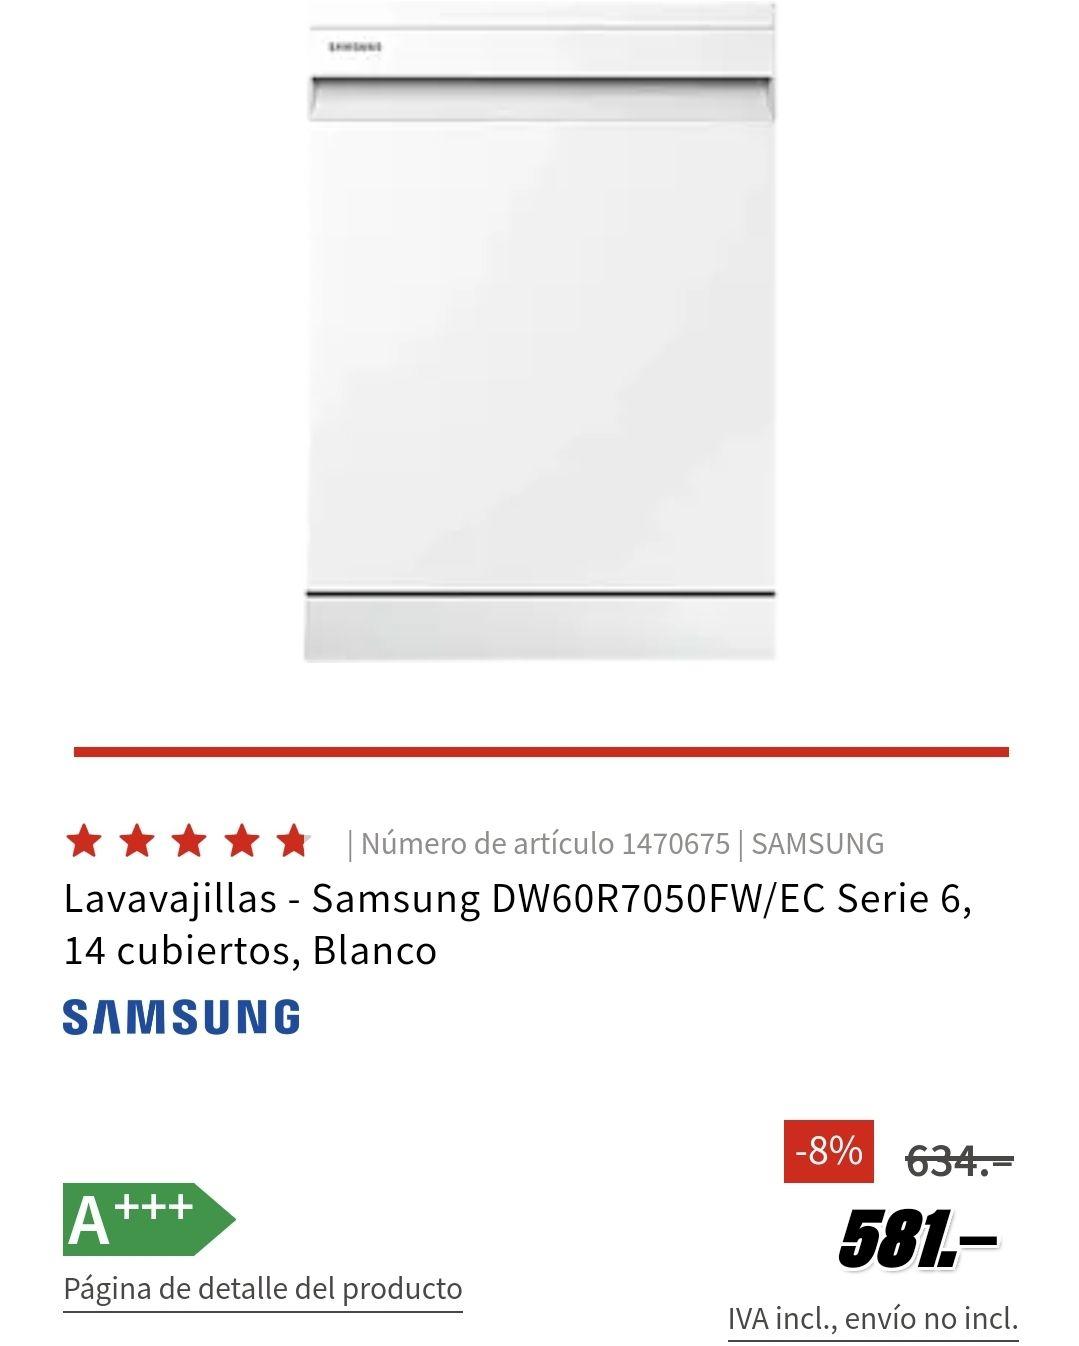 Reacondicionado Samsung DW60R7050FW/EC Serie 6, 14 cubiertos Blanco